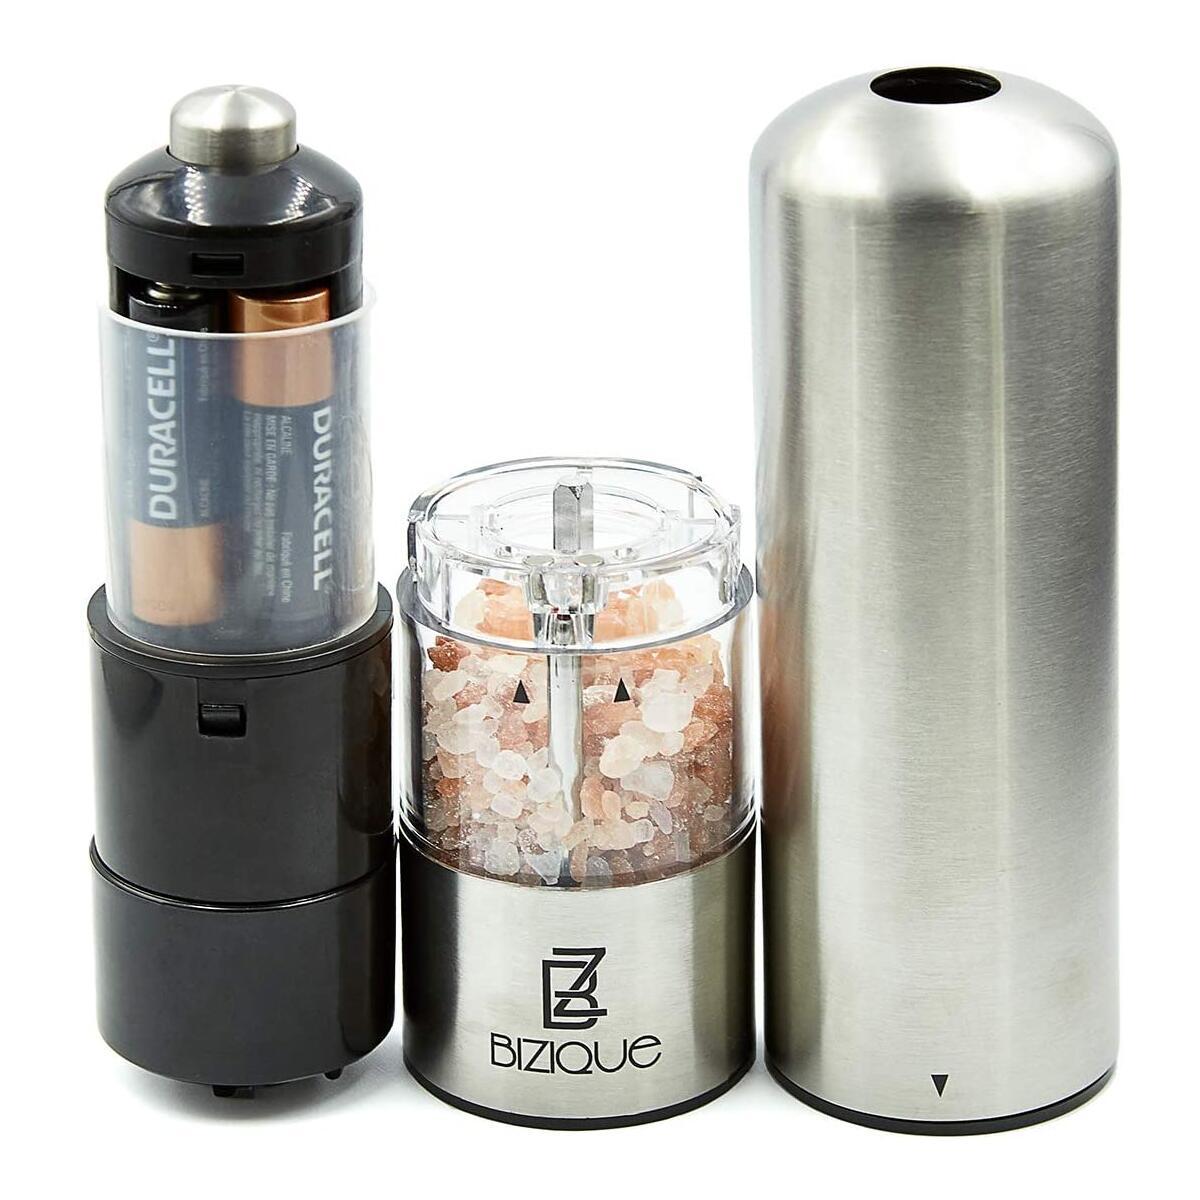 Salt and Pepper Electric Grinder Mill Set - Stainless Steel/Ceramic Kitchen Shaker LED Lights